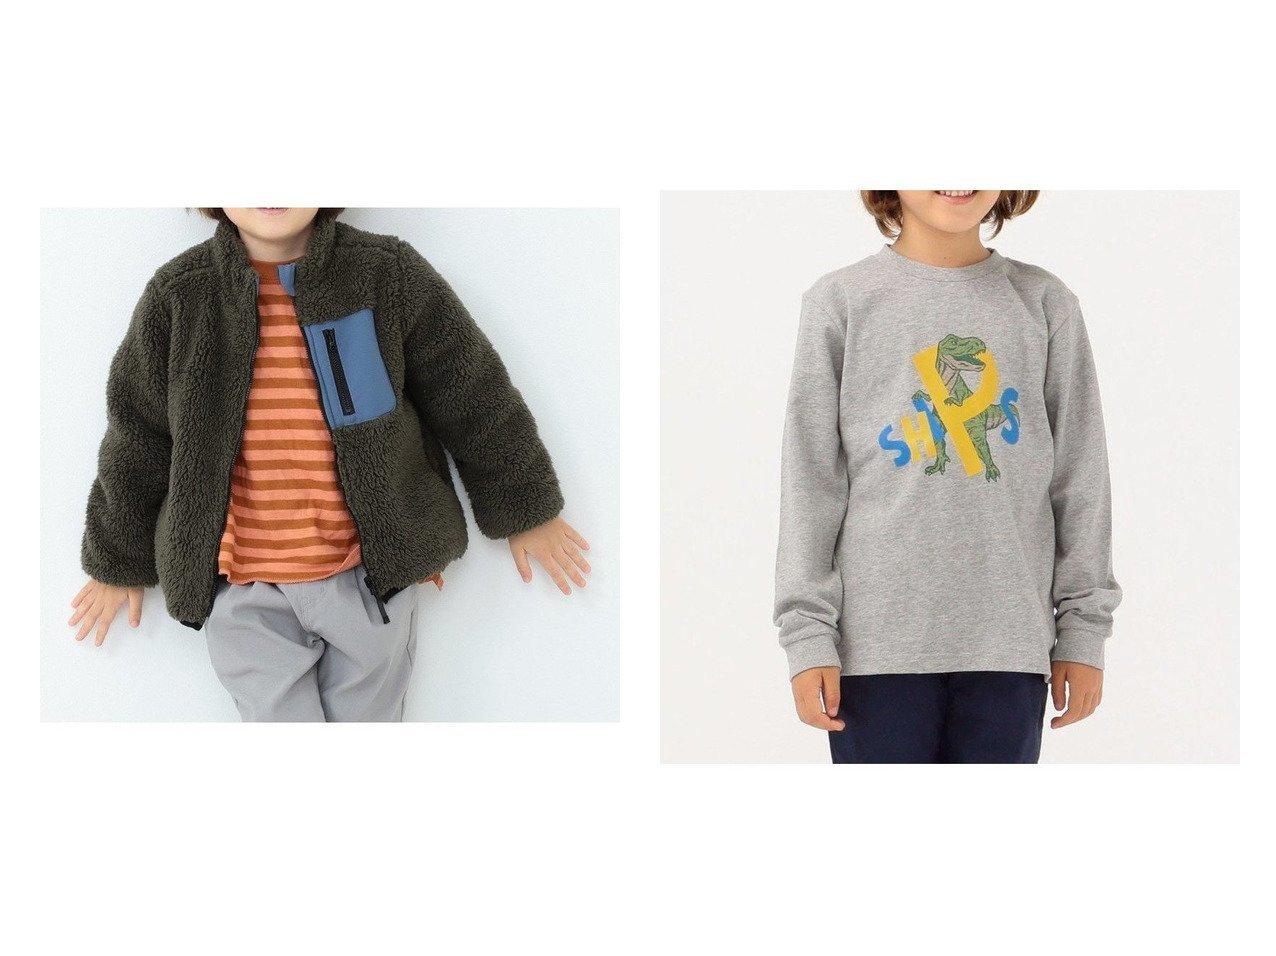 【B:MING by BEAMS / KIDS/ビーミング バイ ビームス】のB: ボア リバーシブル カーディガン 20FW(80~150cm)&【SHIPS / KIDS/シップス】のSHIPS KIDS:ロゴ 恐竜 TEE(100~130cm) 【KIDS】子供服のおすすめ!人気、キッズファッションの通販 おすすめで人気のファッション通販商品 インテリア・家具・キッズファッション・メンズファッション・レディースファッション・服の通販 founy(ファニー) https://founy.com/ ファッション Fashion キッズ KIDS トップス Tops Tees Kids カーディガン ジャケット スポーティ ブルゾン ベーシック モコモコ リバーシブル A/W 秋冬 Autumn &  Winter インナー カットソー トレンド 今季 長袖 |ID:crp329100000005206